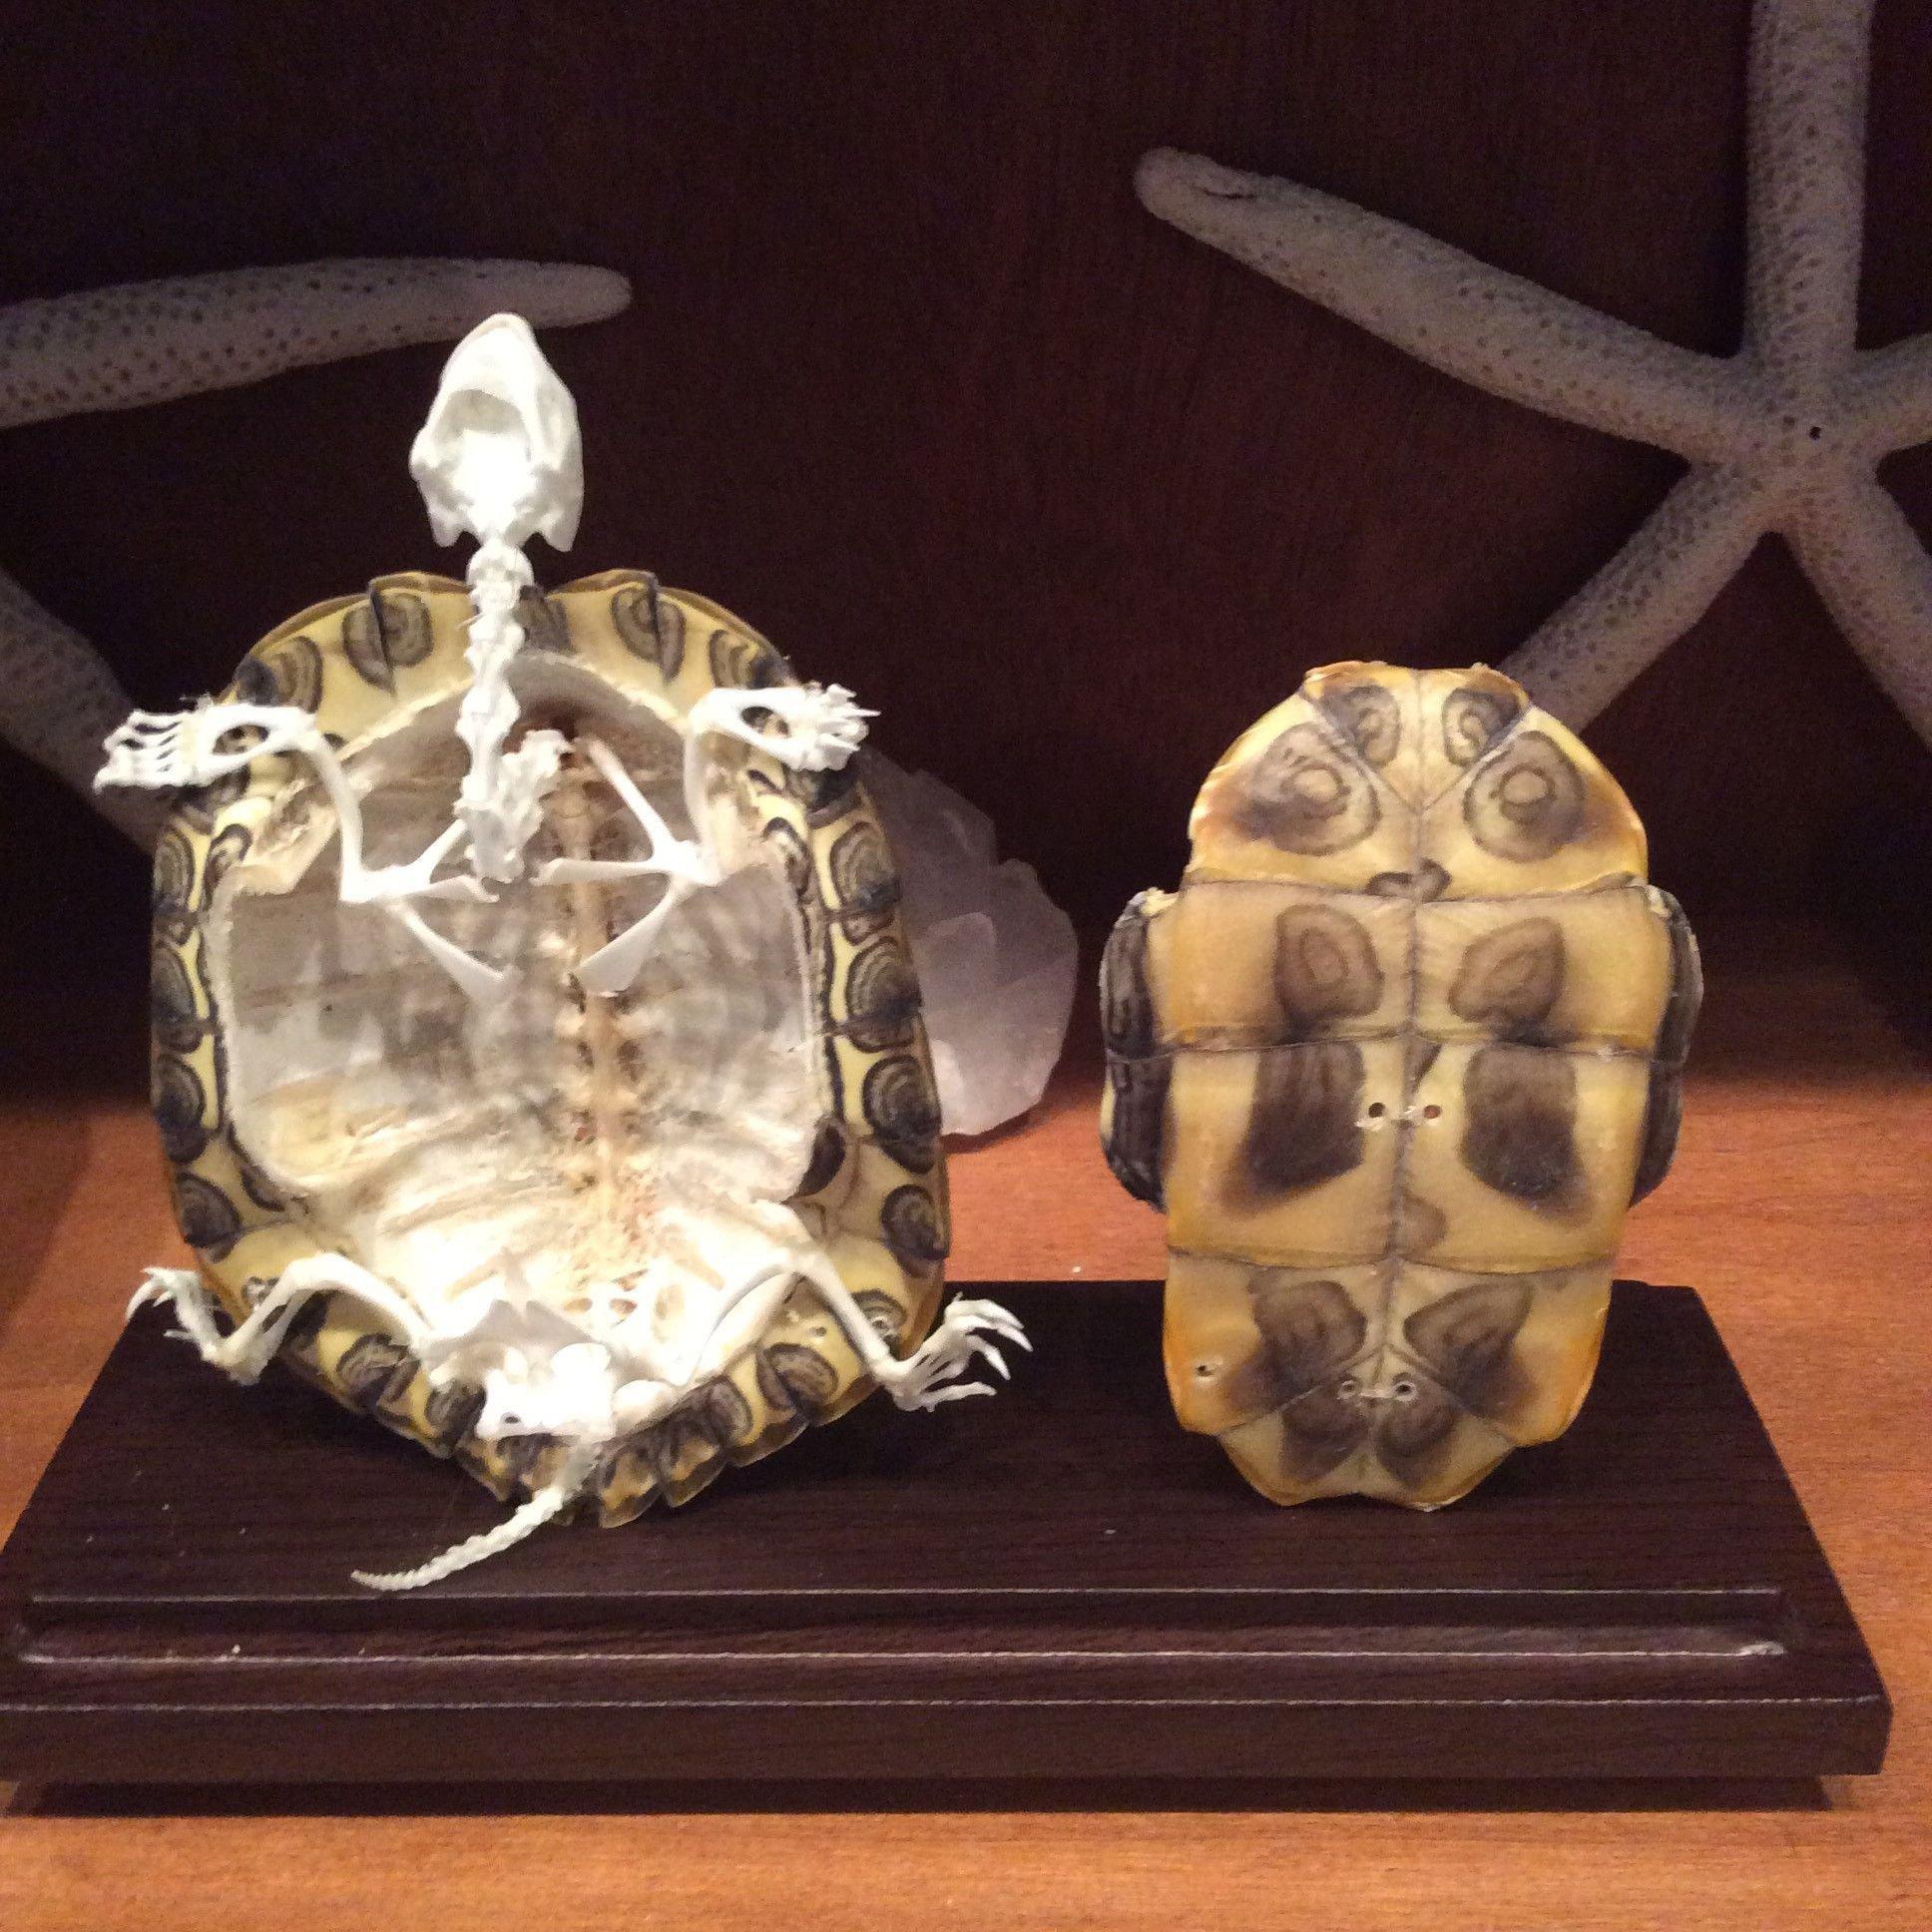 Анатомия черепахи: из чего состоит скелет и панцирь, причины размягчения панцирной части